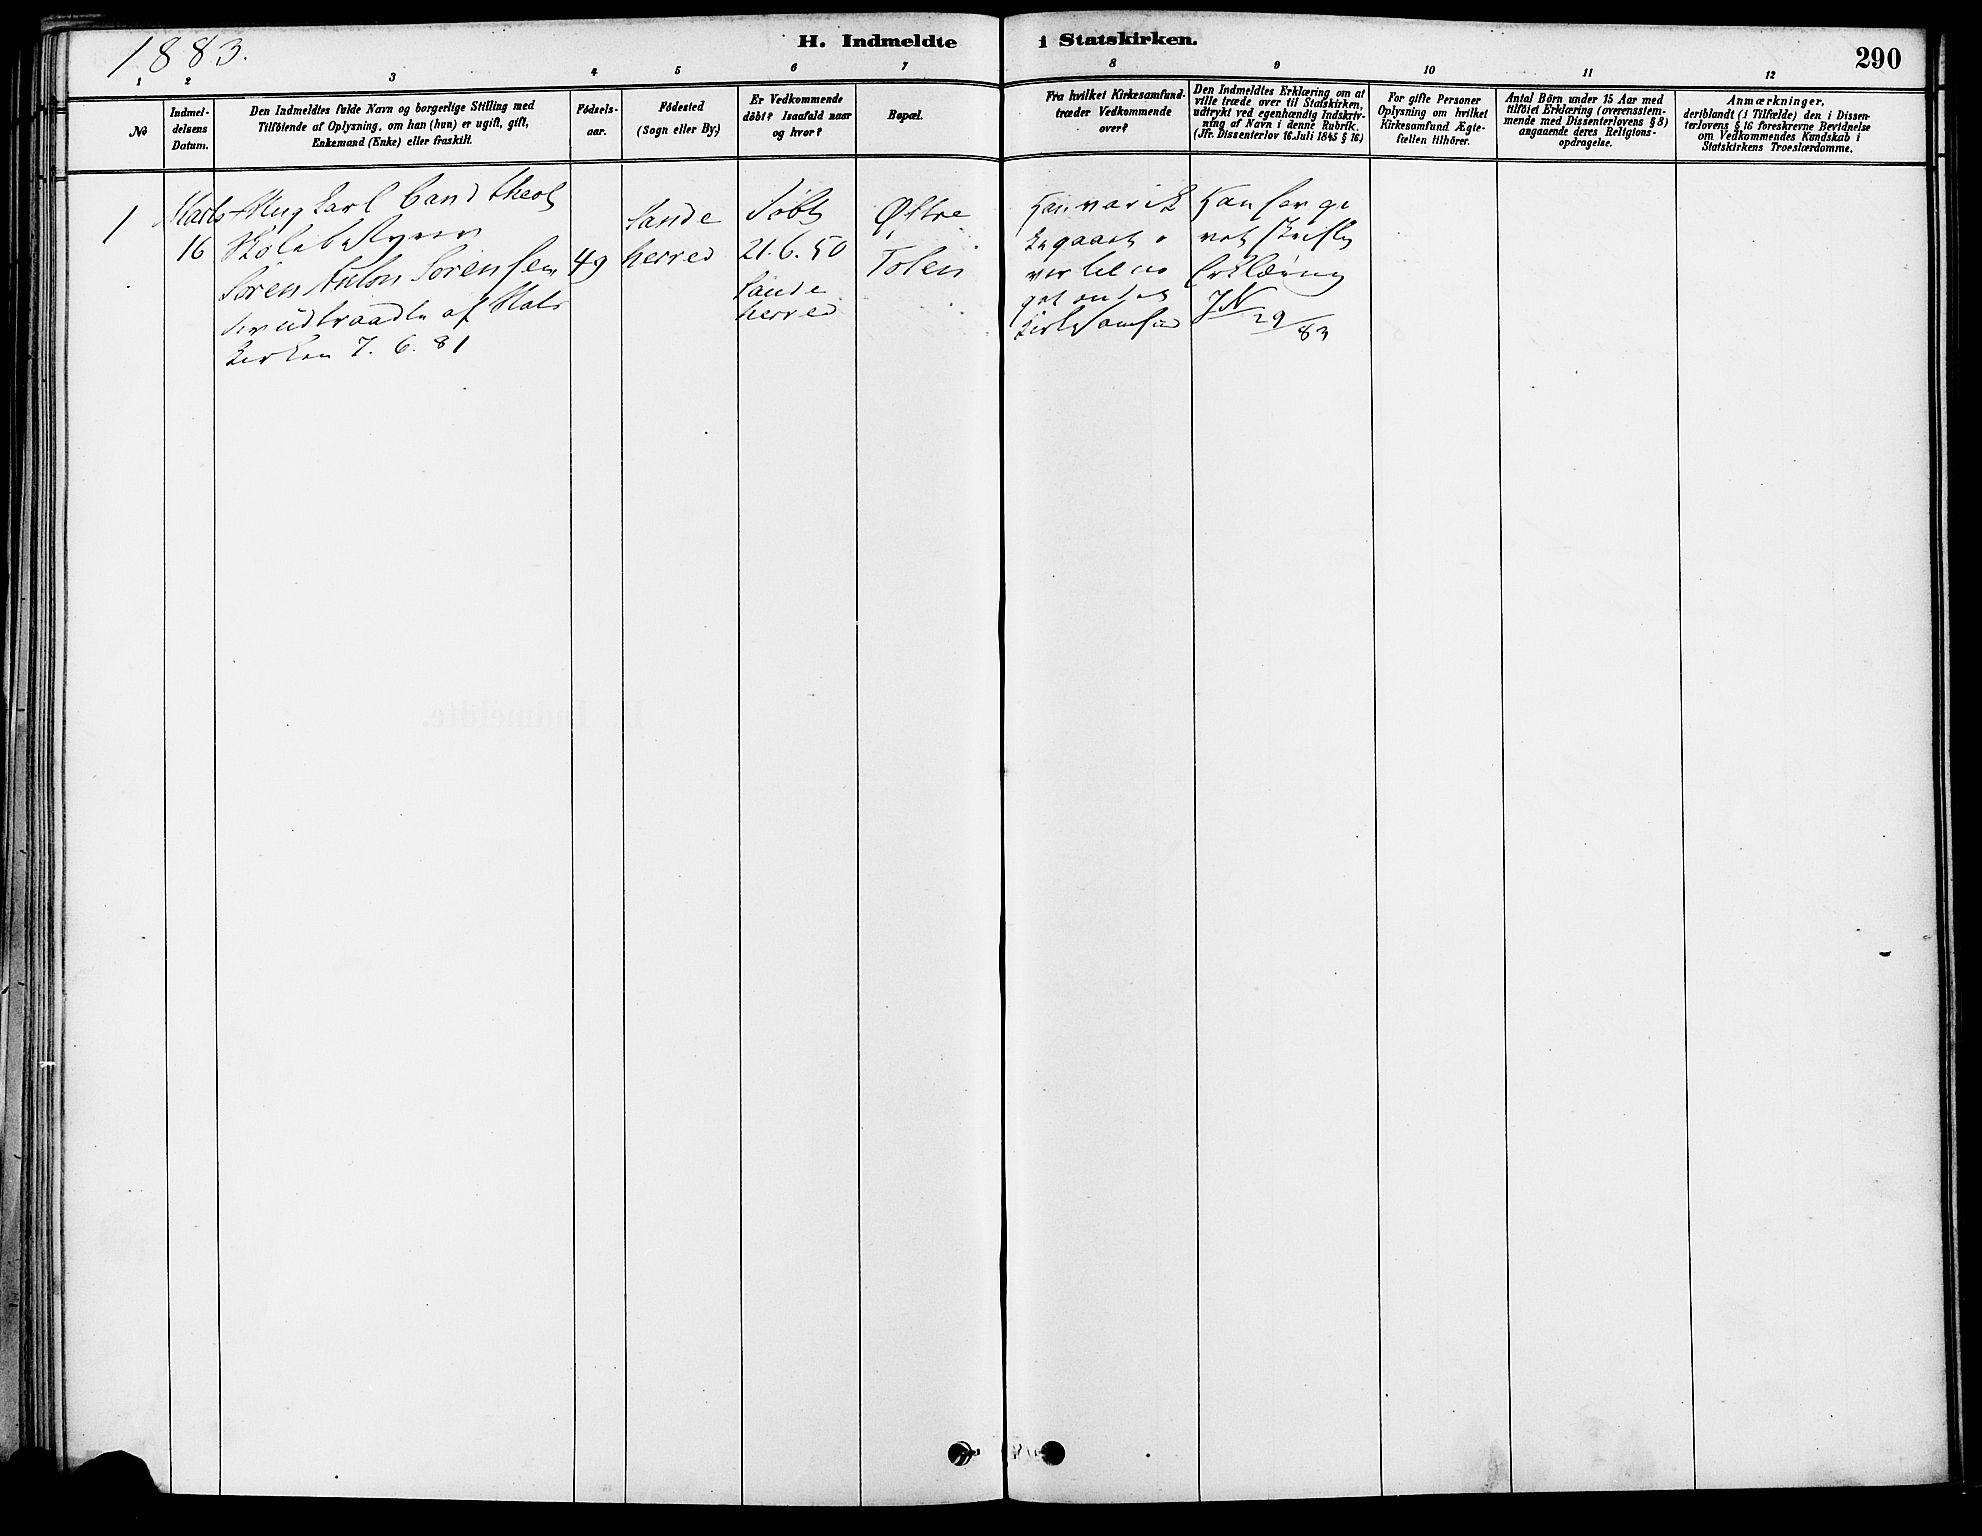 SAO, Gamle Aker prestekontor Kirkebøker, F/L0007: Ministerialbok nr. 7, 1882-1890, s. 290